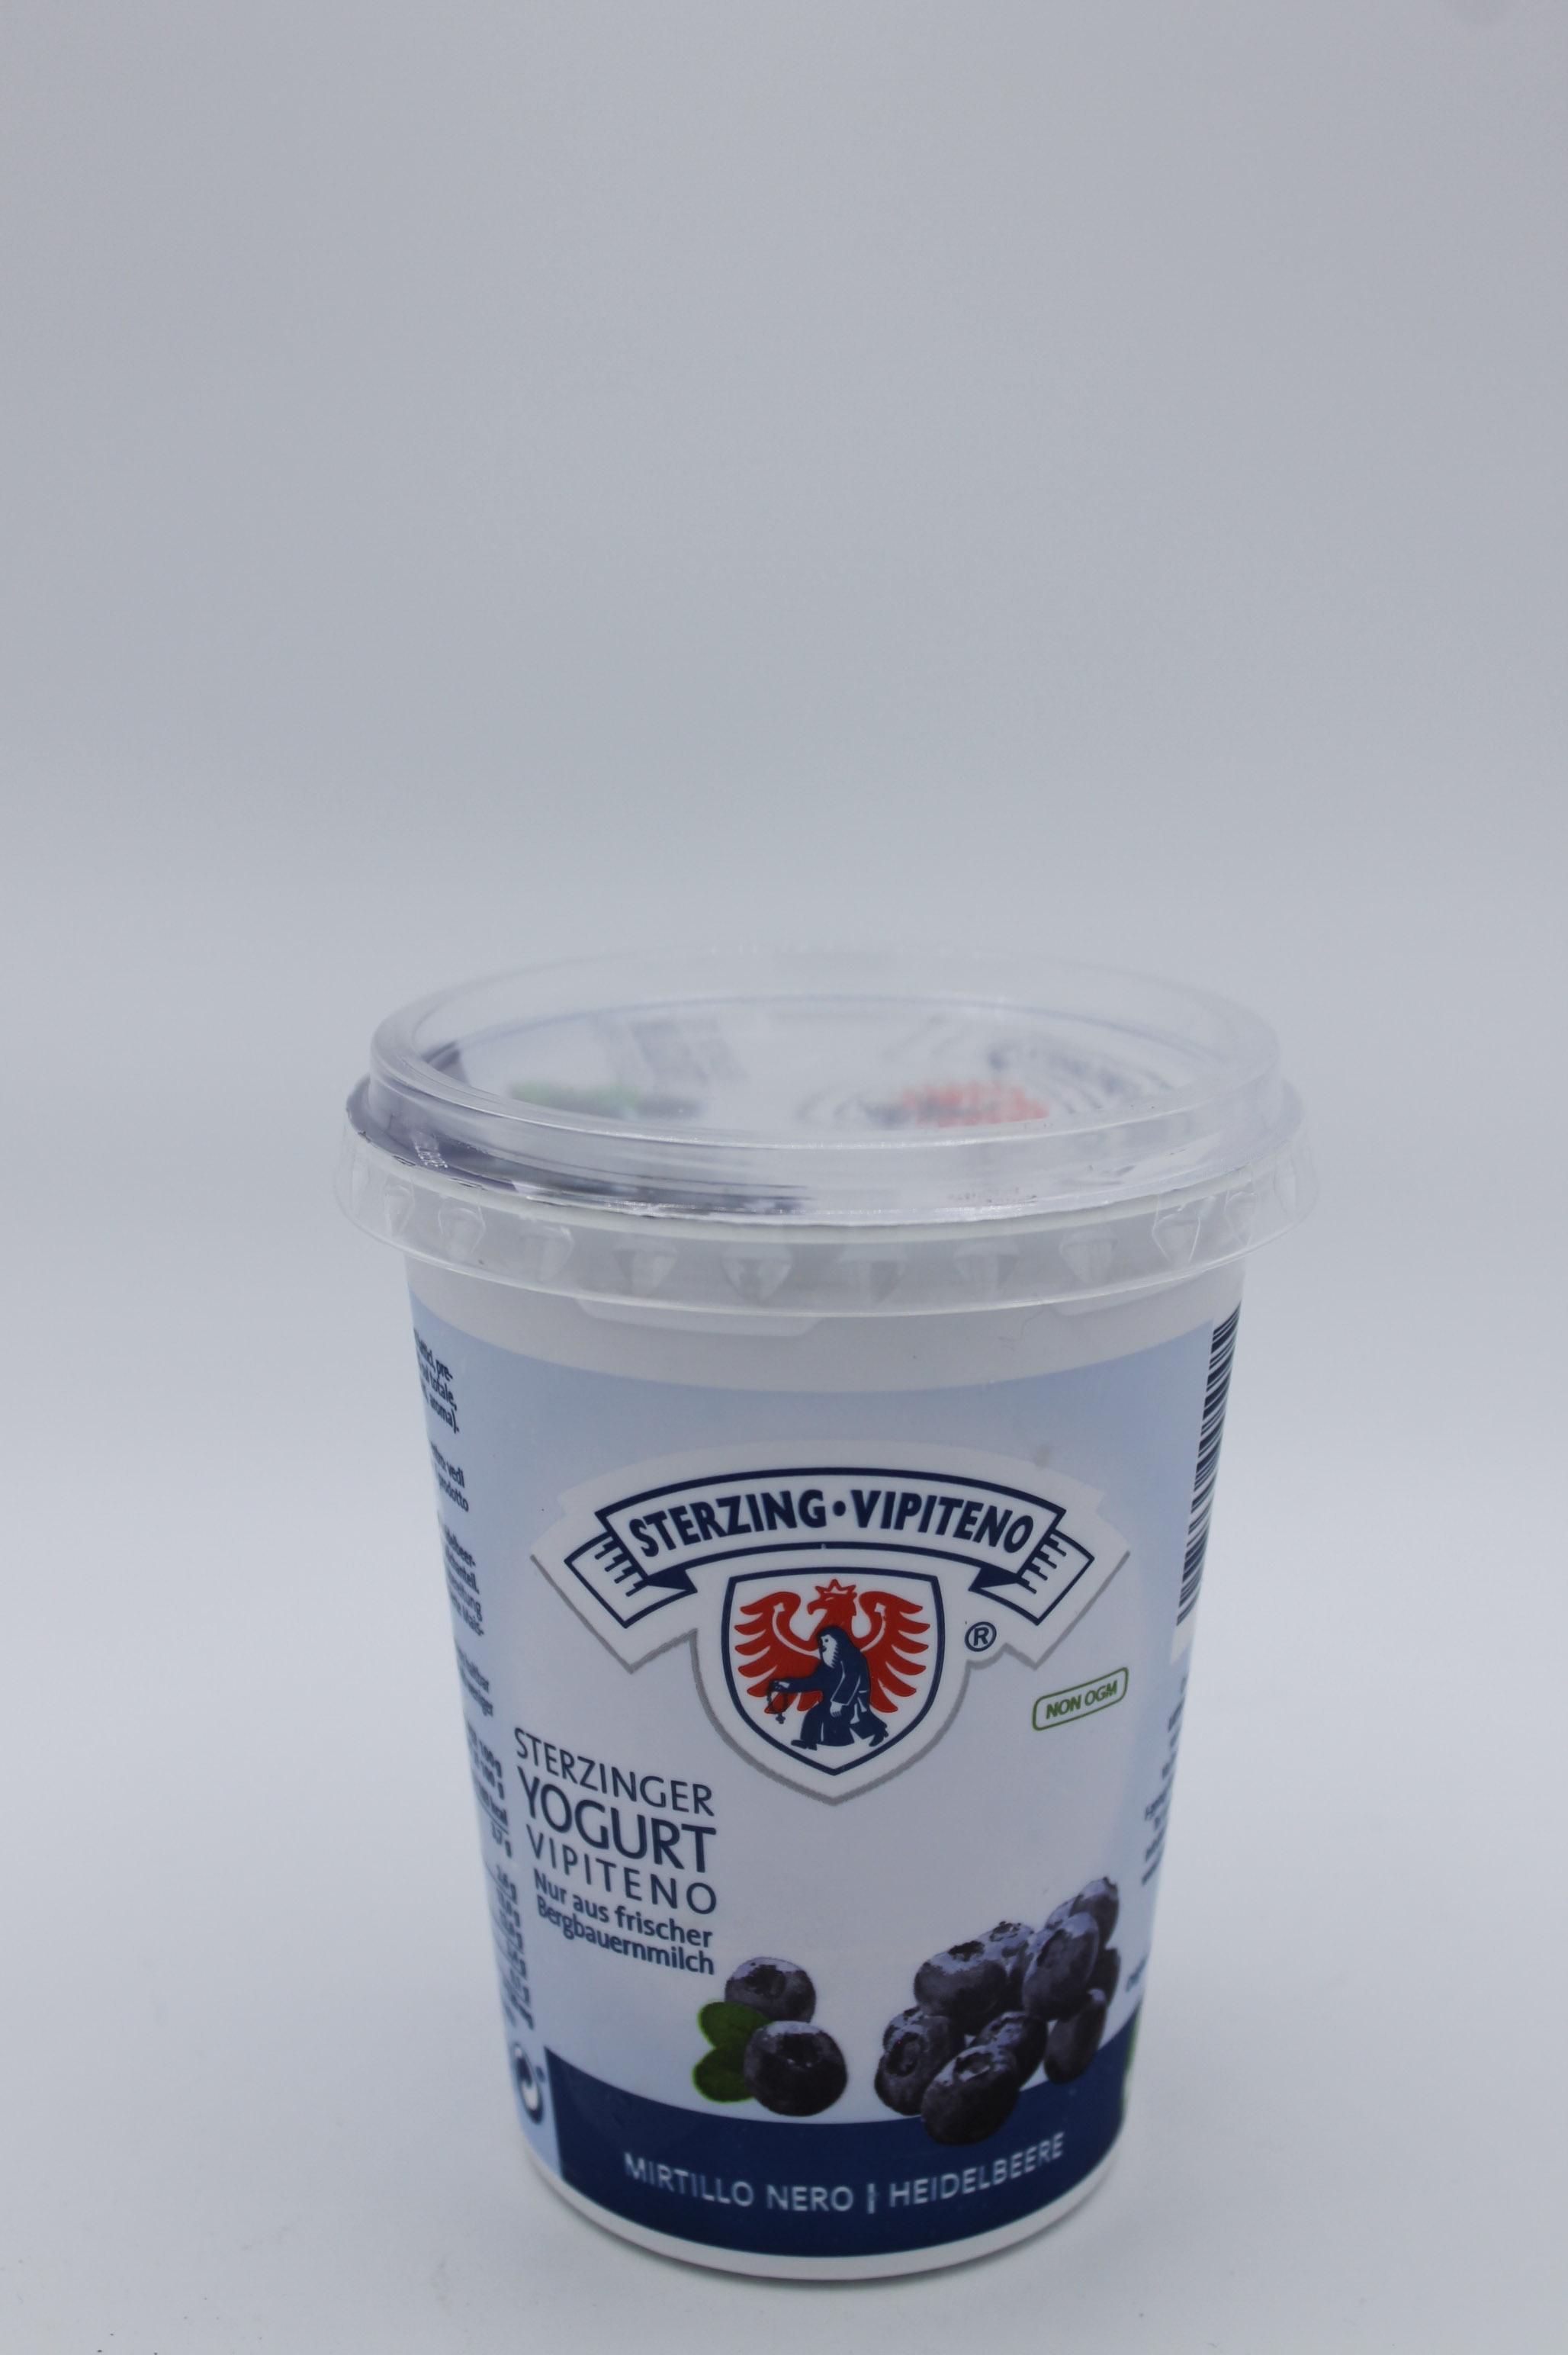 Vipiteno yogurt cremoso 500gr vari gusti.